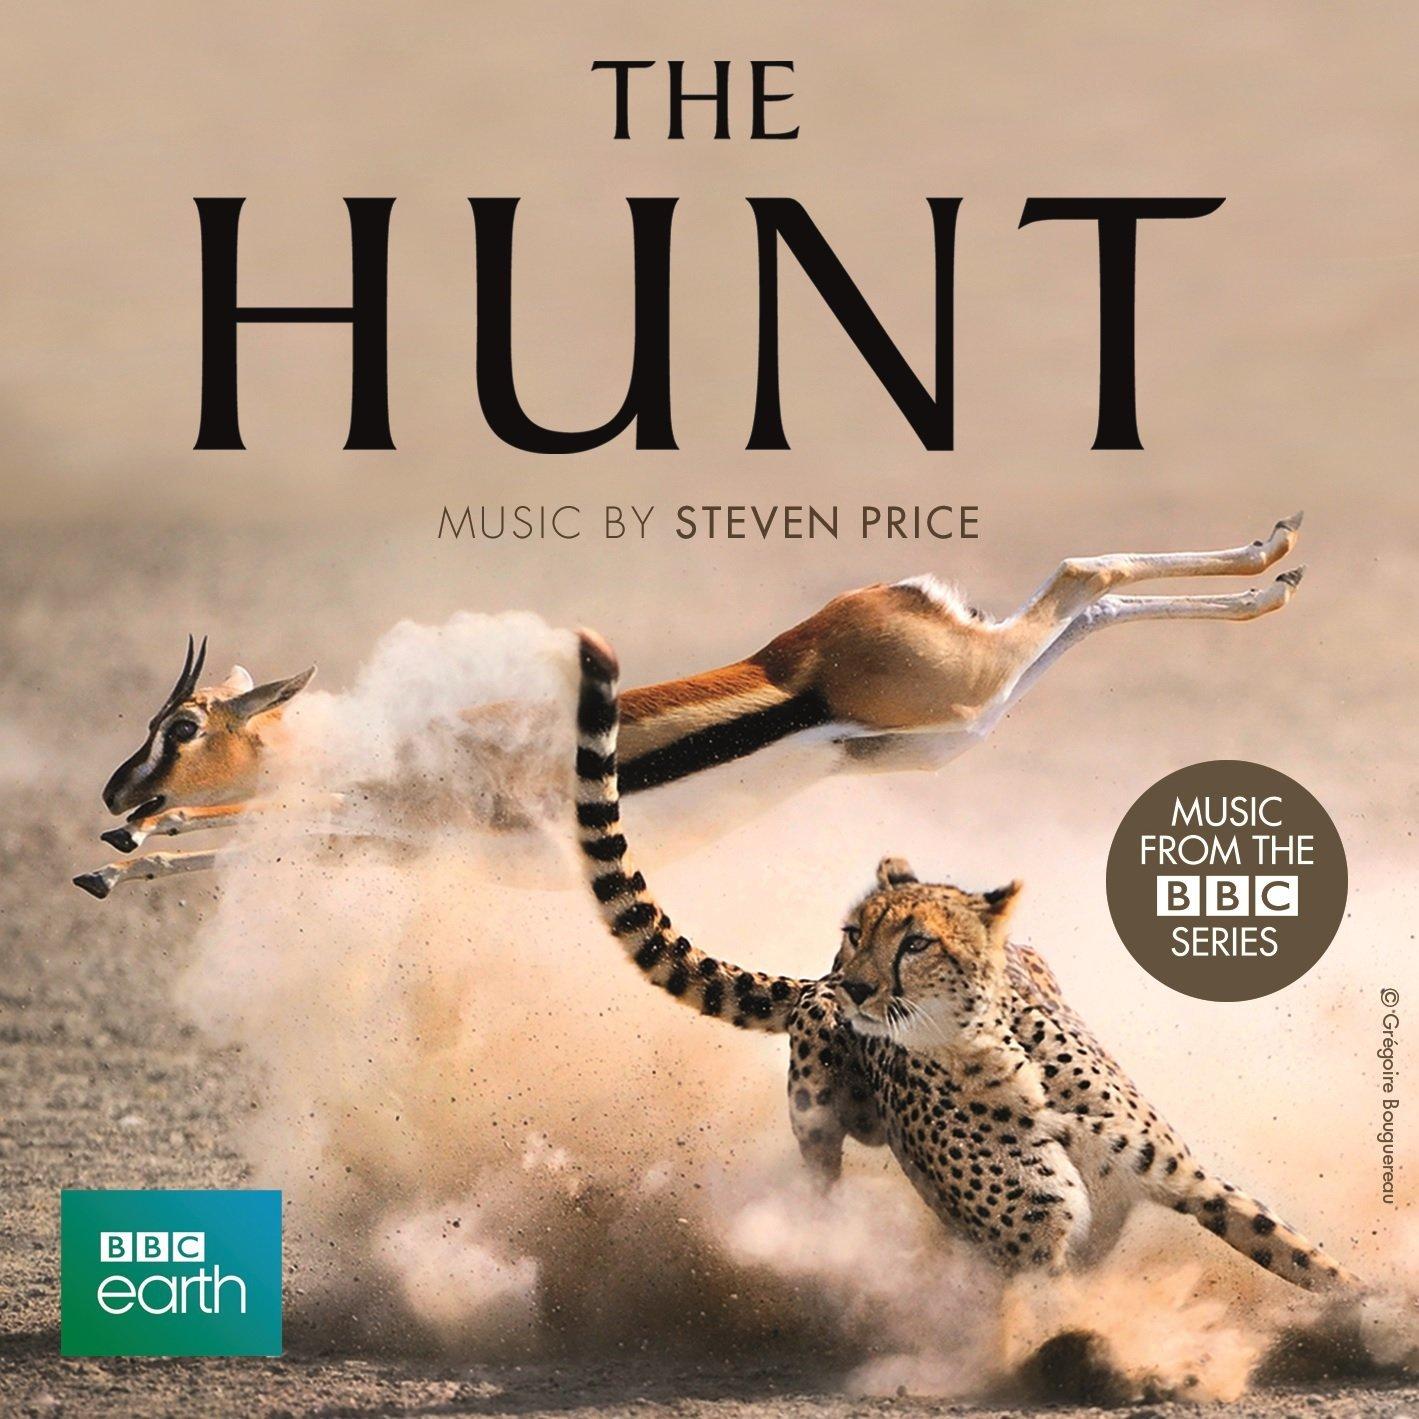 دانلود مستند شکار The Hunt 2015 – دوبله فارسی